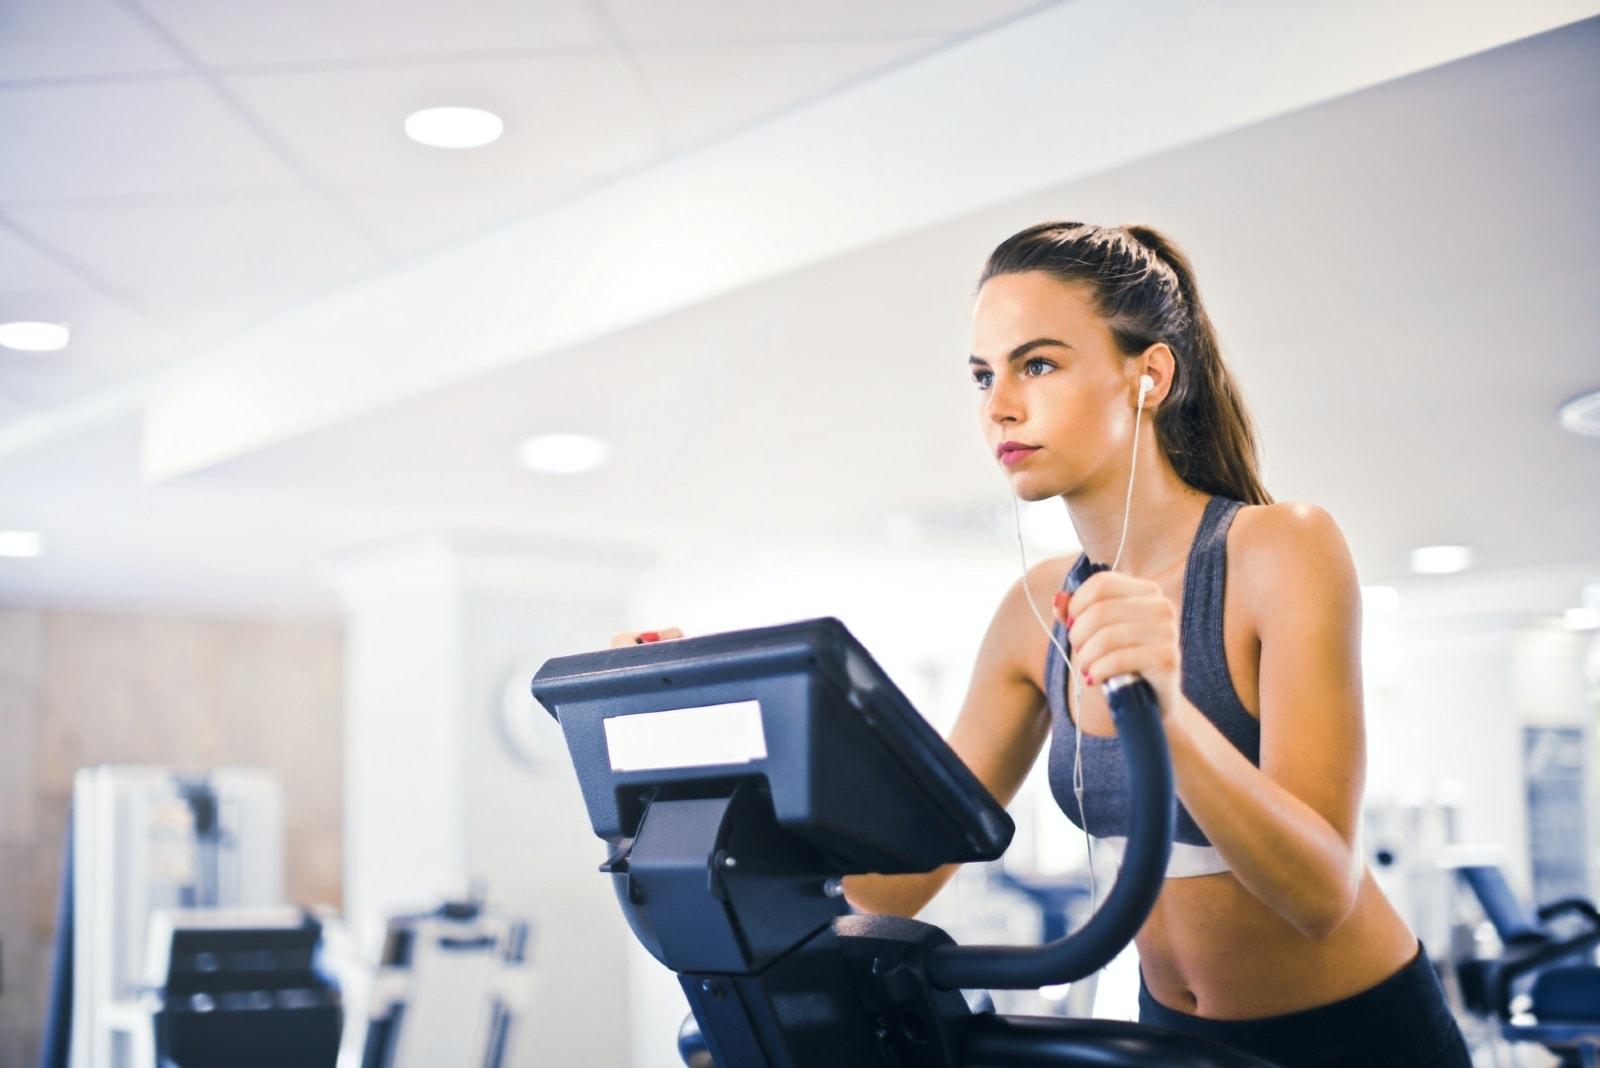 woman training on treadmill in gym